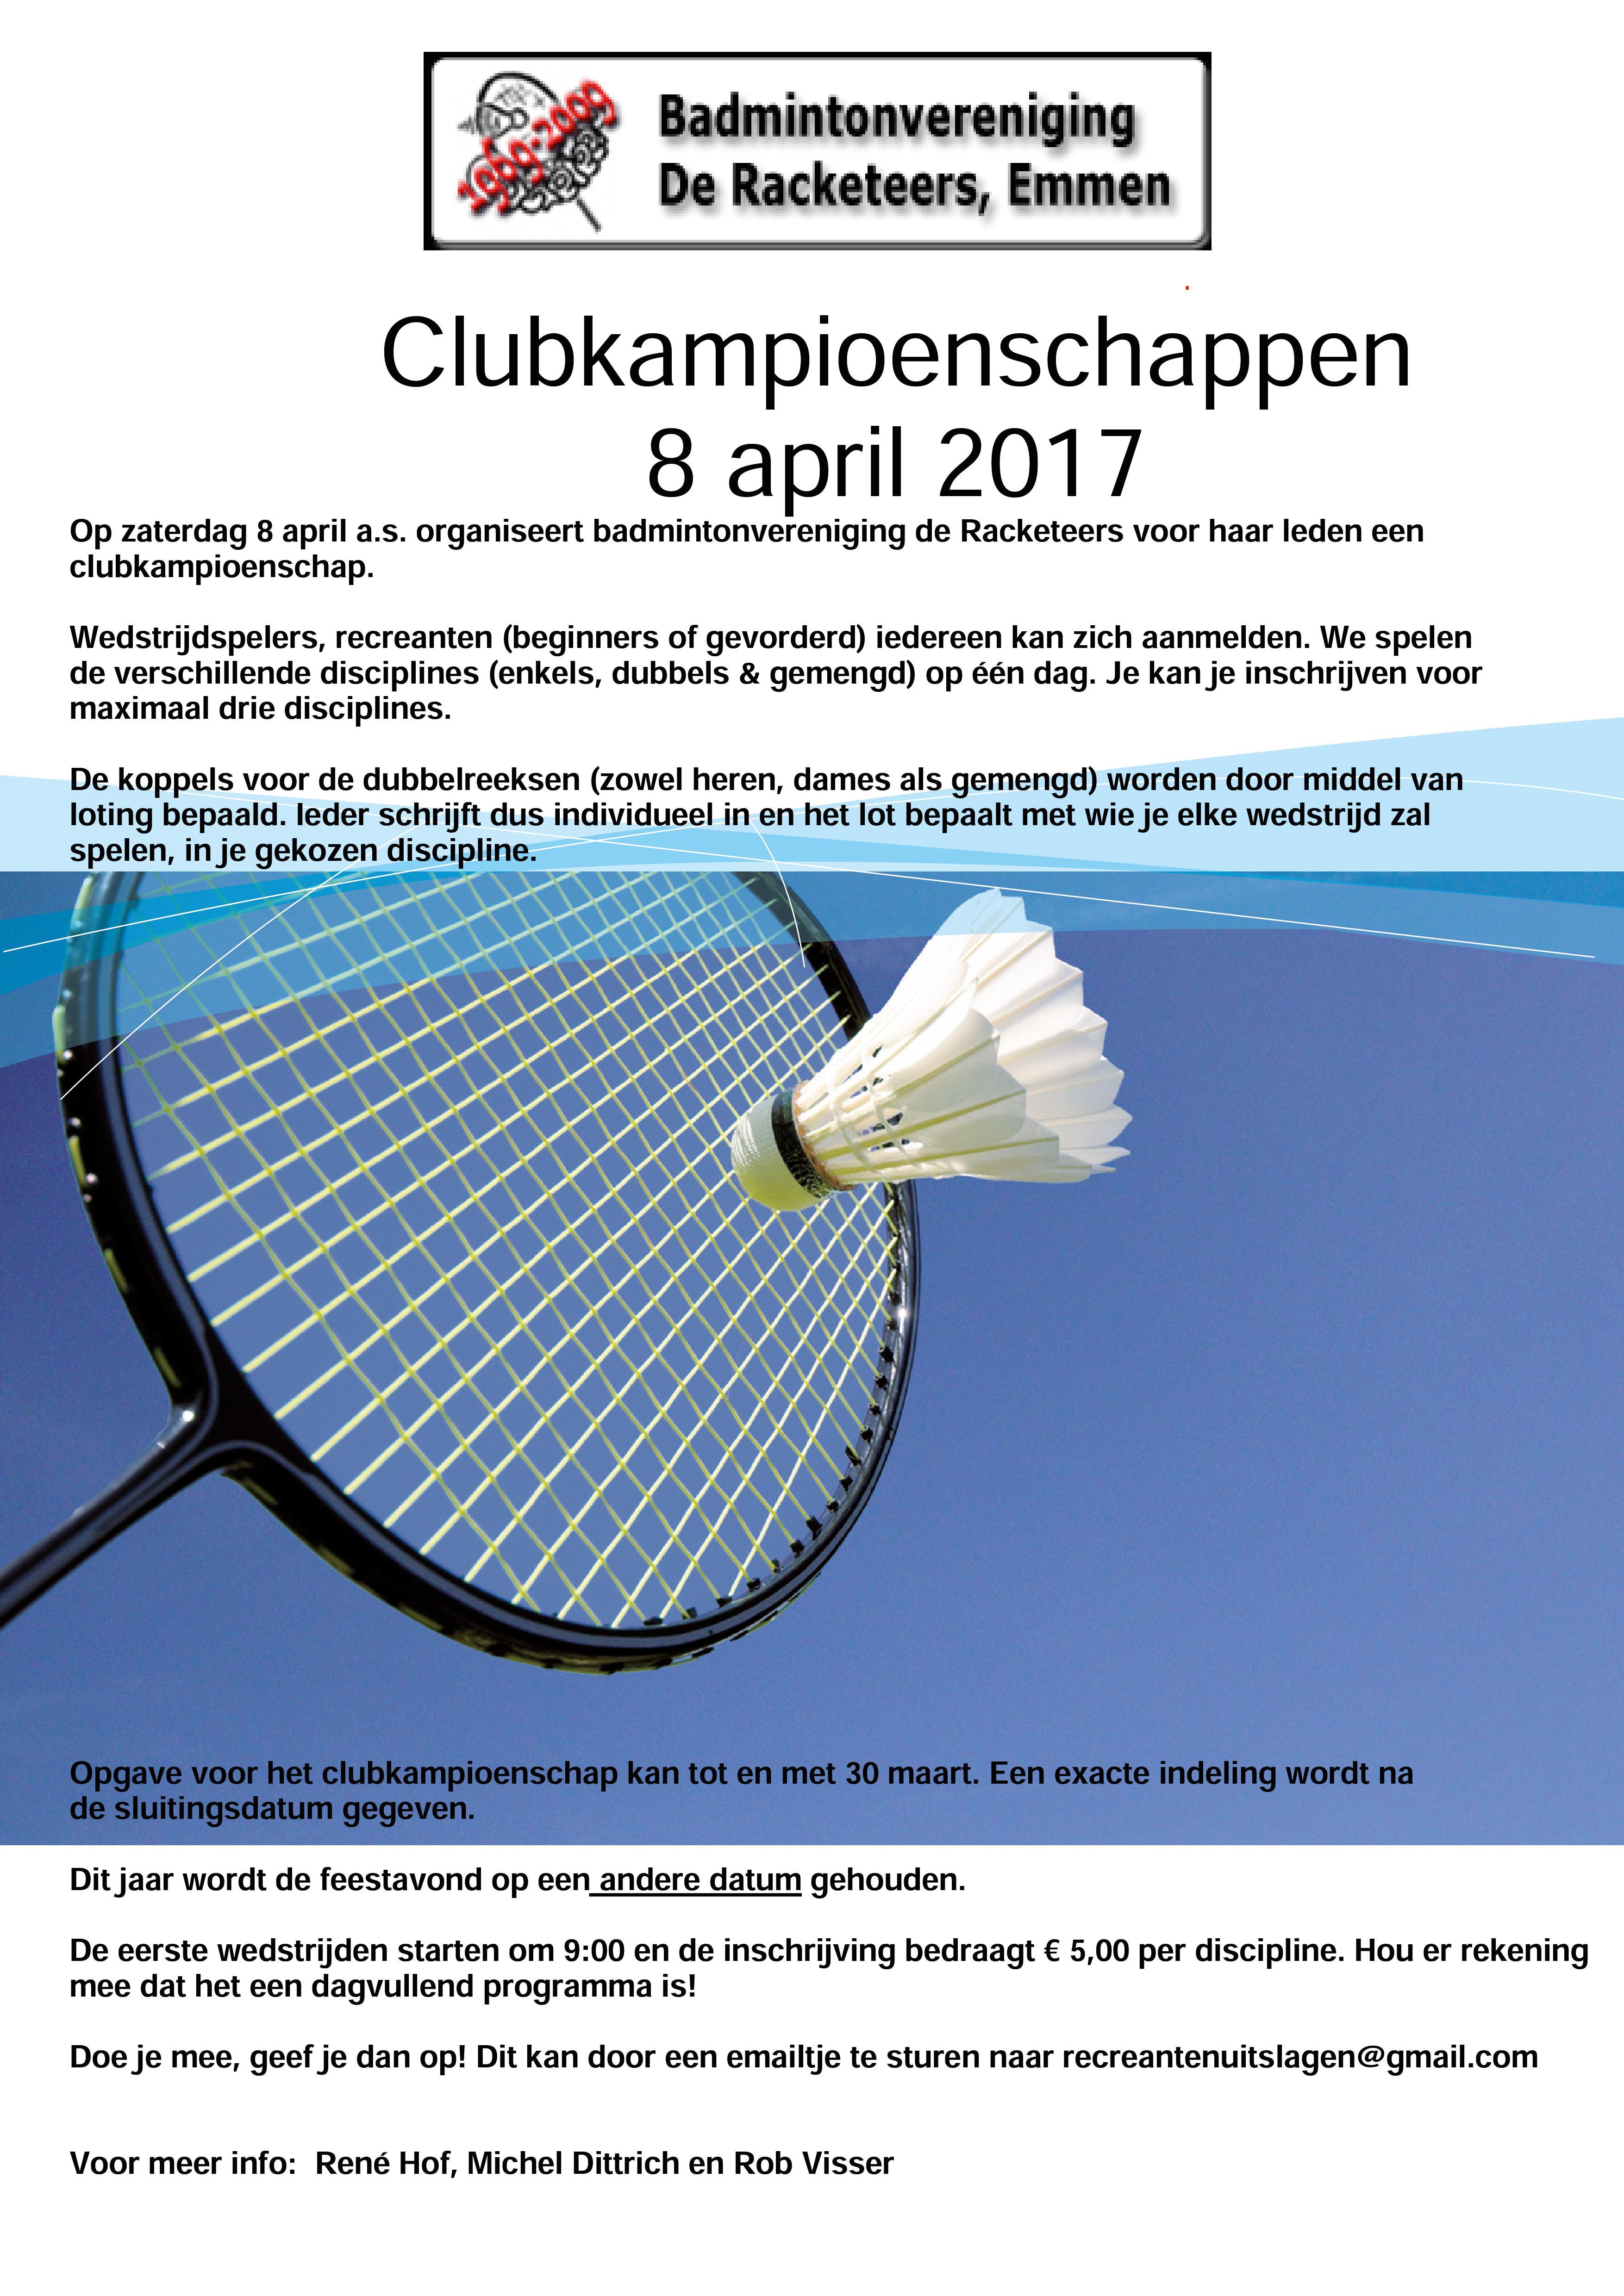 8 April 2017 Clubkampioenschappen